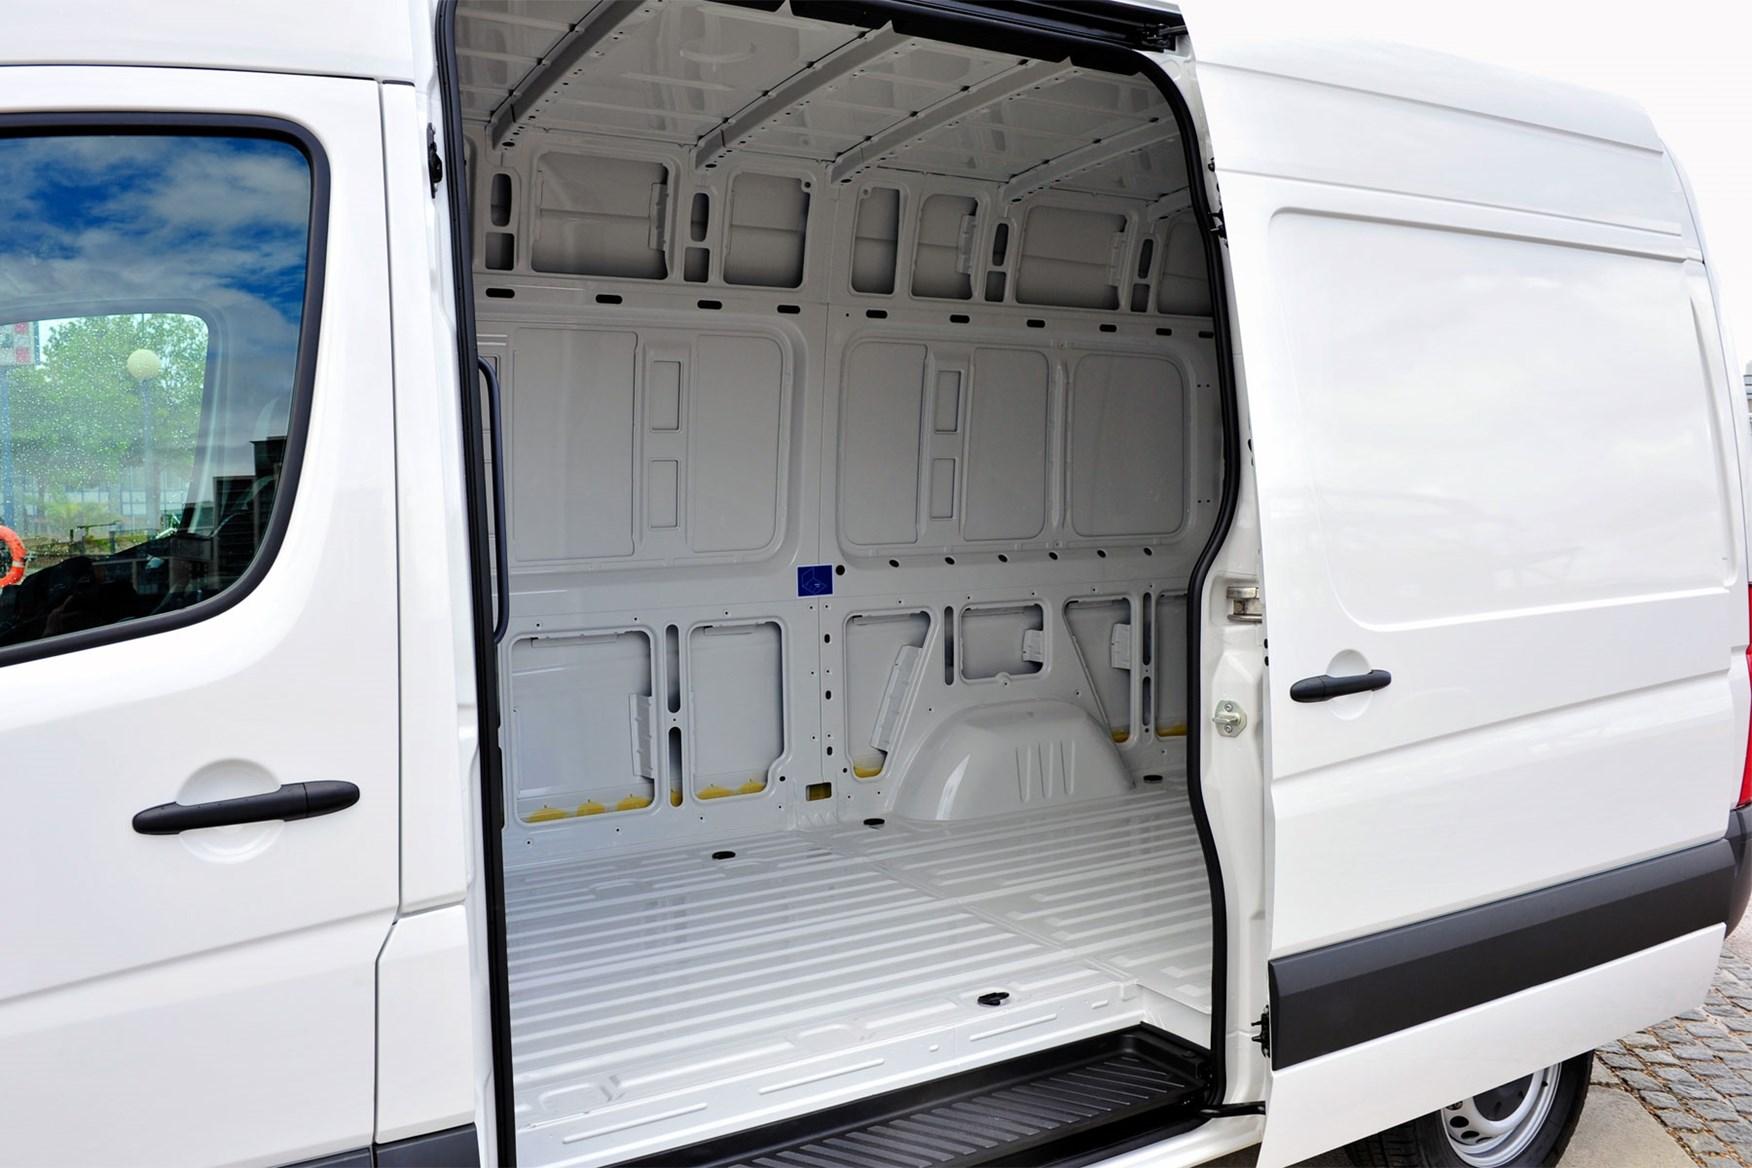 Volkswagen Crafter Van Dimensions 2011 2016 Capacity